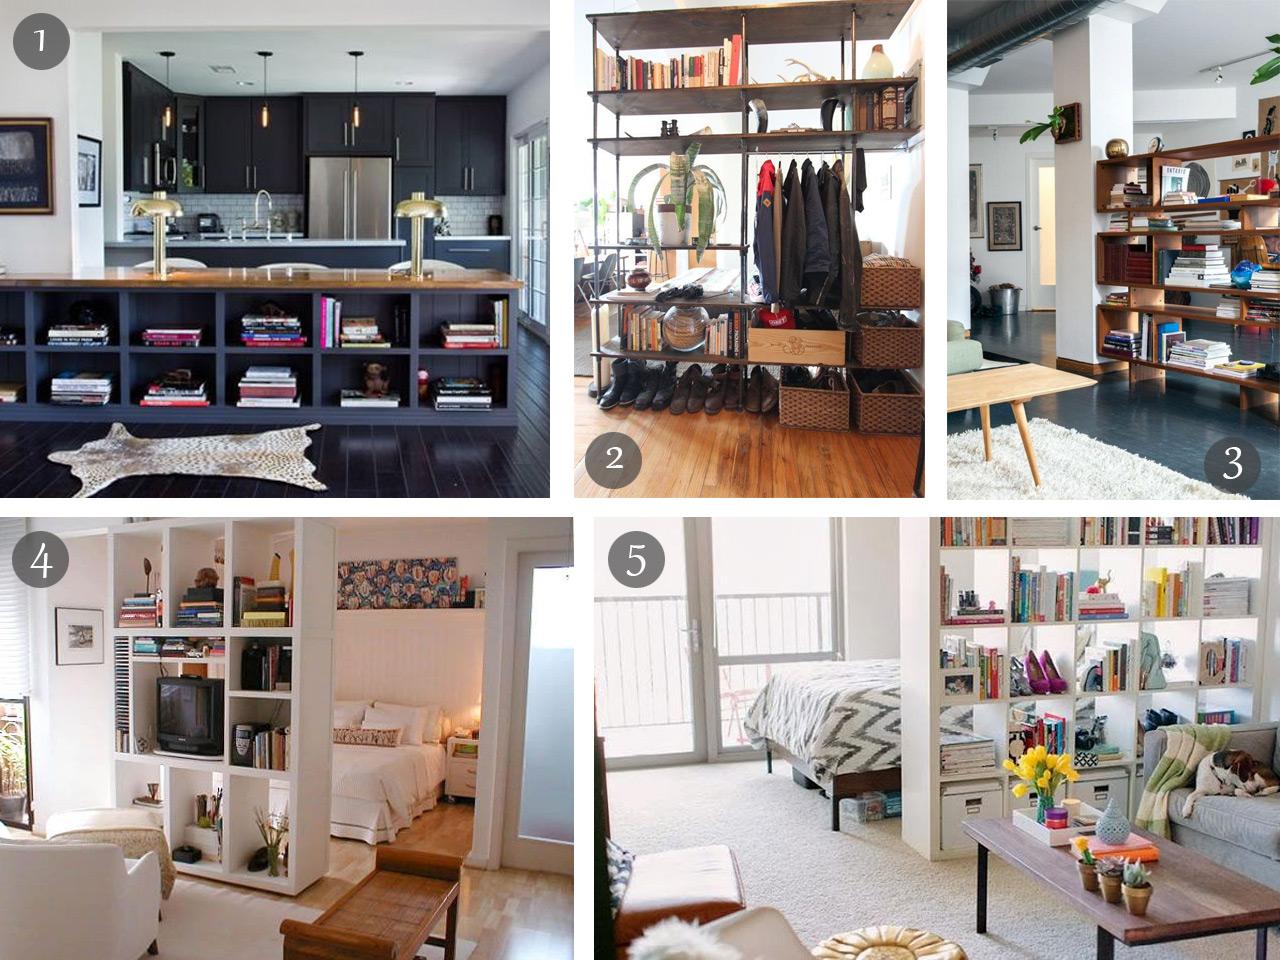 Dividir Espacios Abiertos Con Trucos Decorativos # Muebles Soluciones